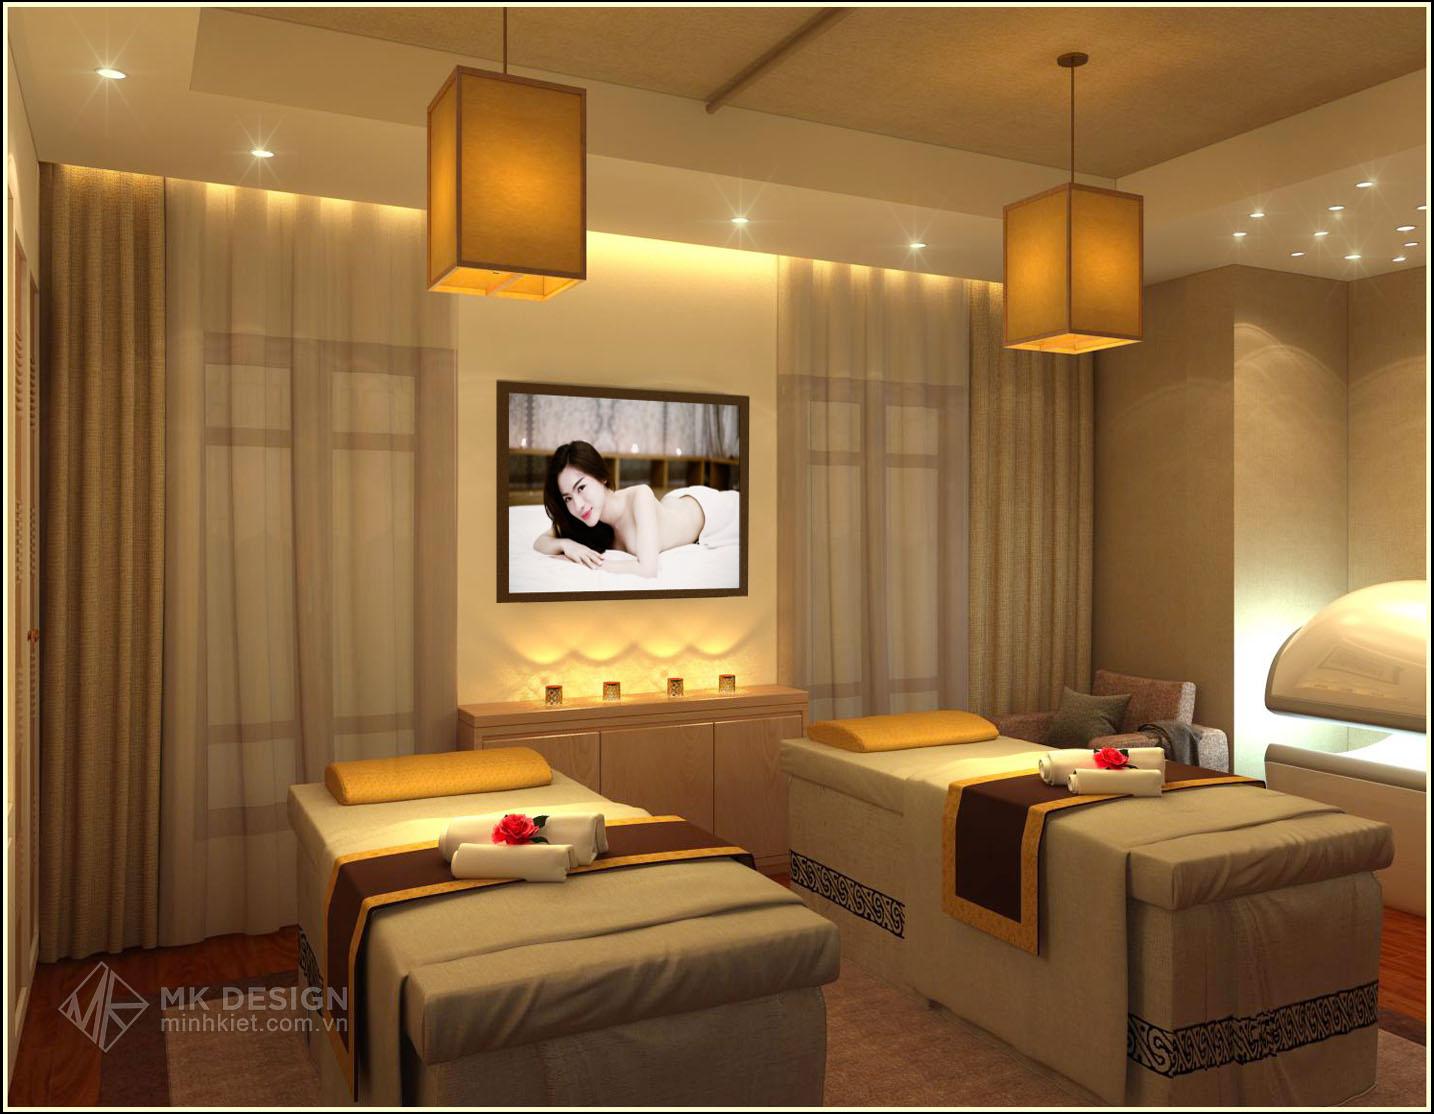 spa-Hana-Minh-Kiet-design10